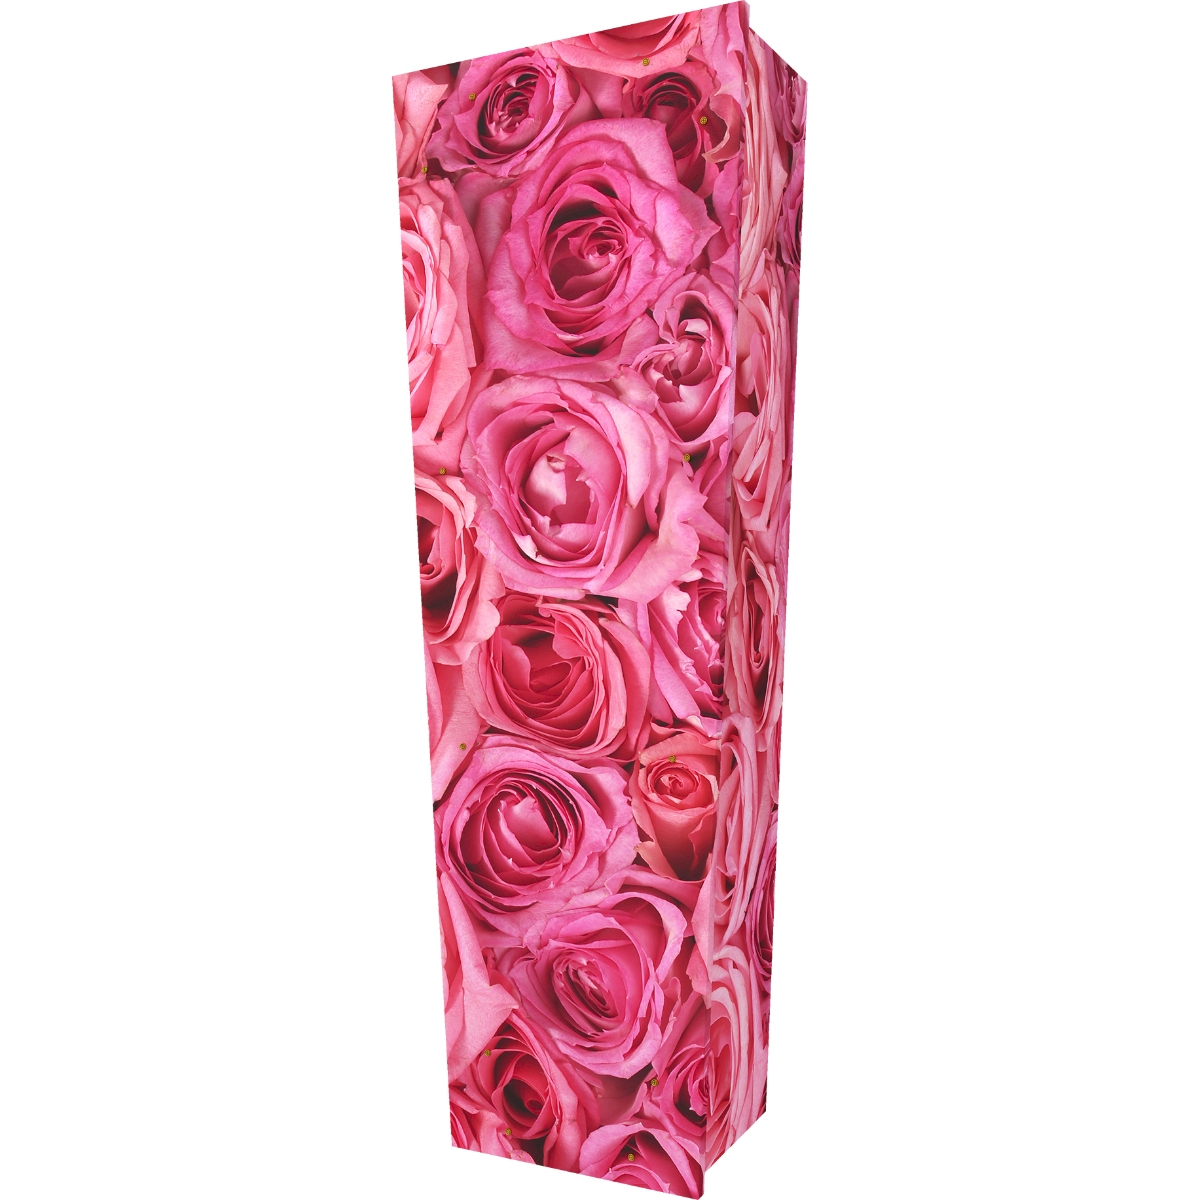 Pink Rose Coffin